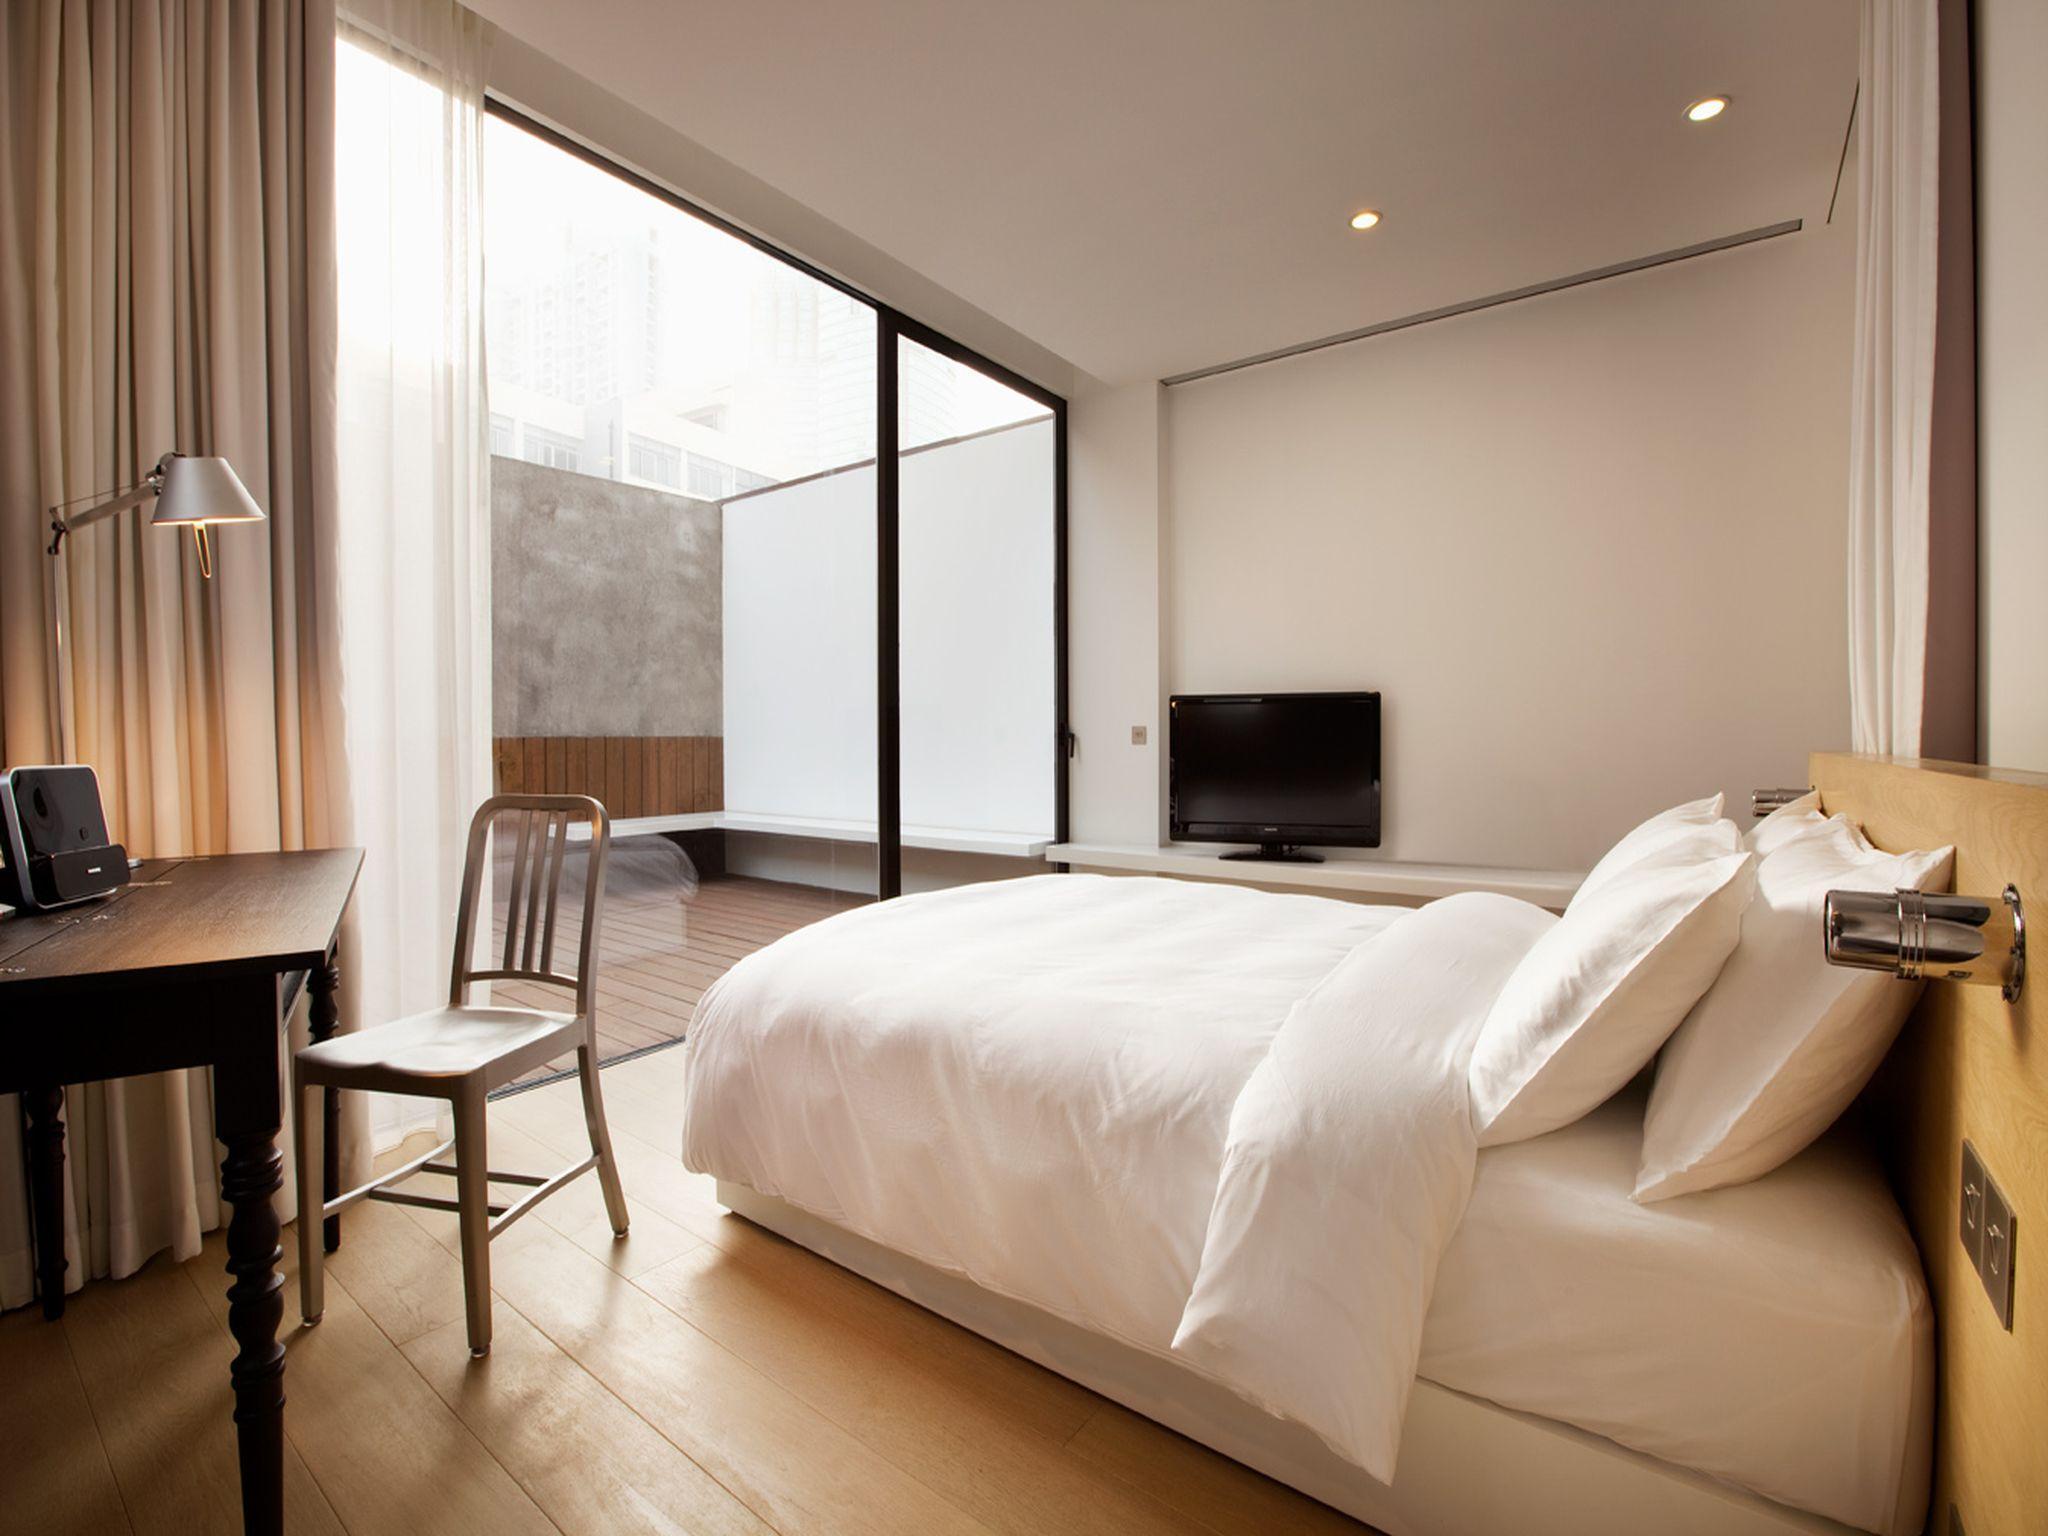 Designhotel Waterhouse Shanghai : The waterhouse at south bund by nhdro b a t h r o o m s